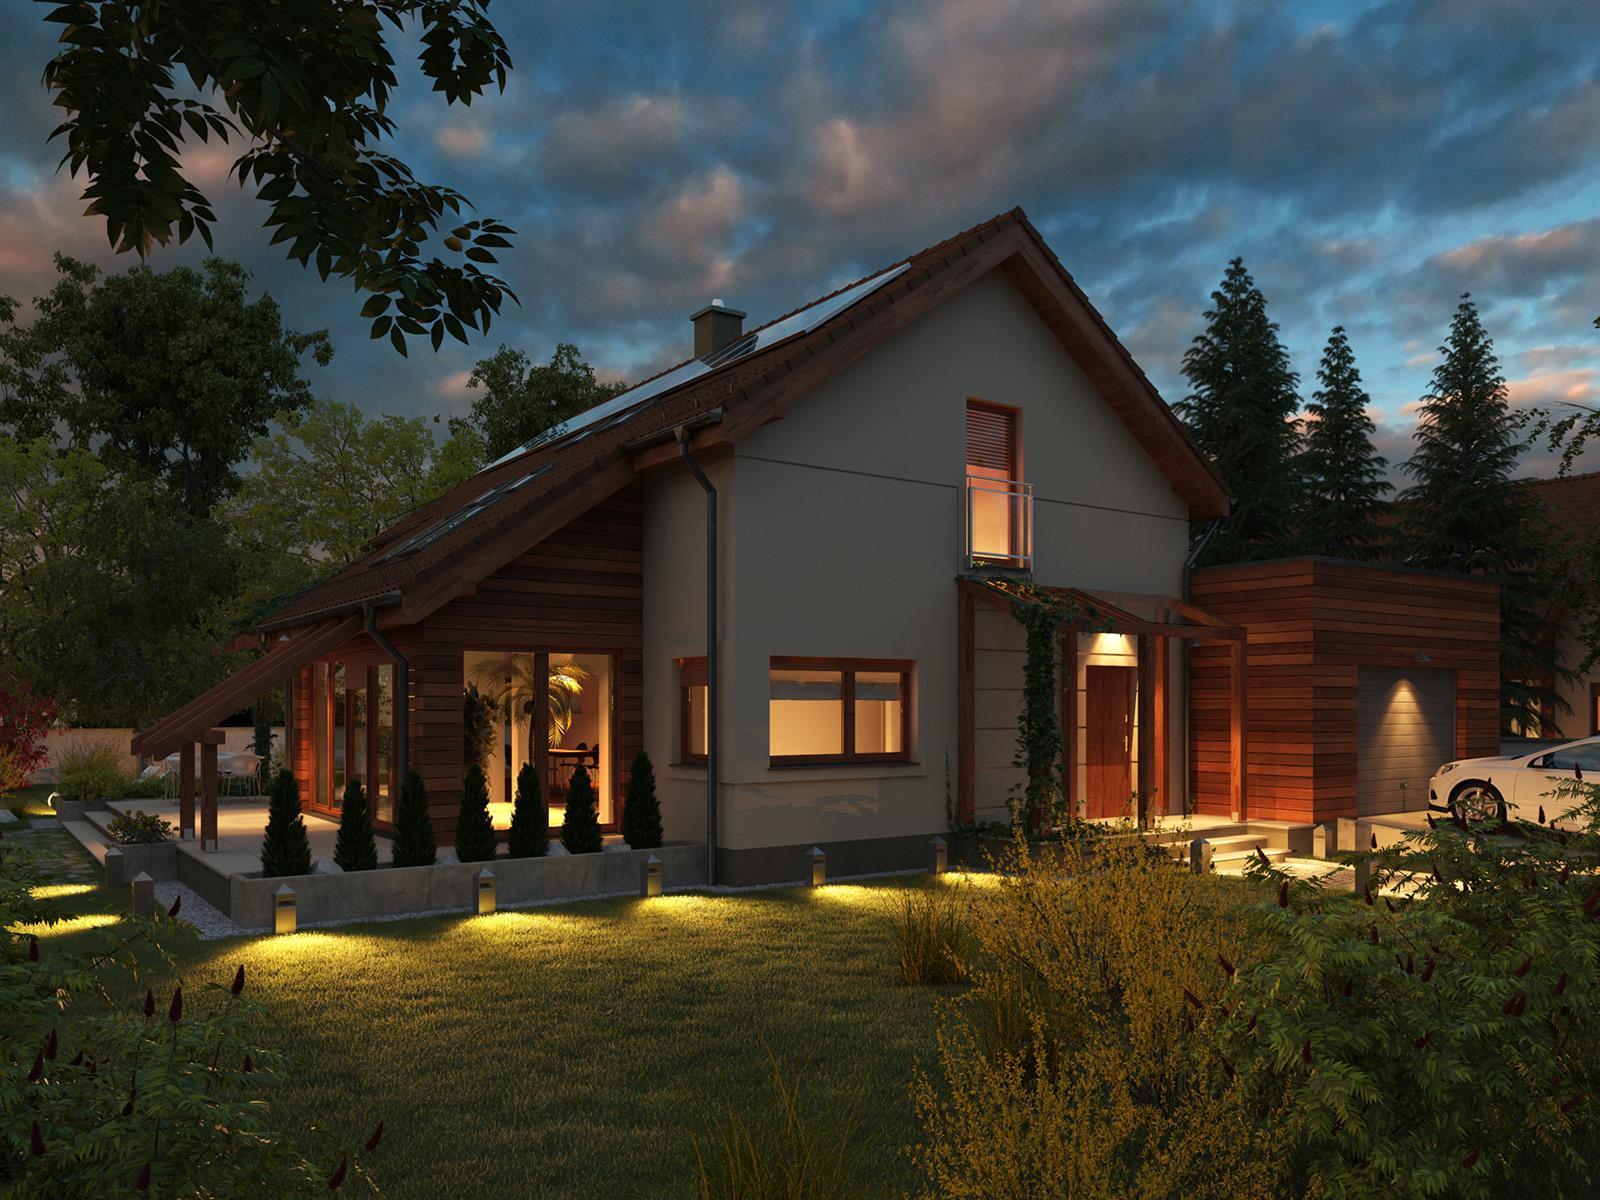 Projekt domu Z ORANŻERIĄ Domy Czystej Energii widok od frontu